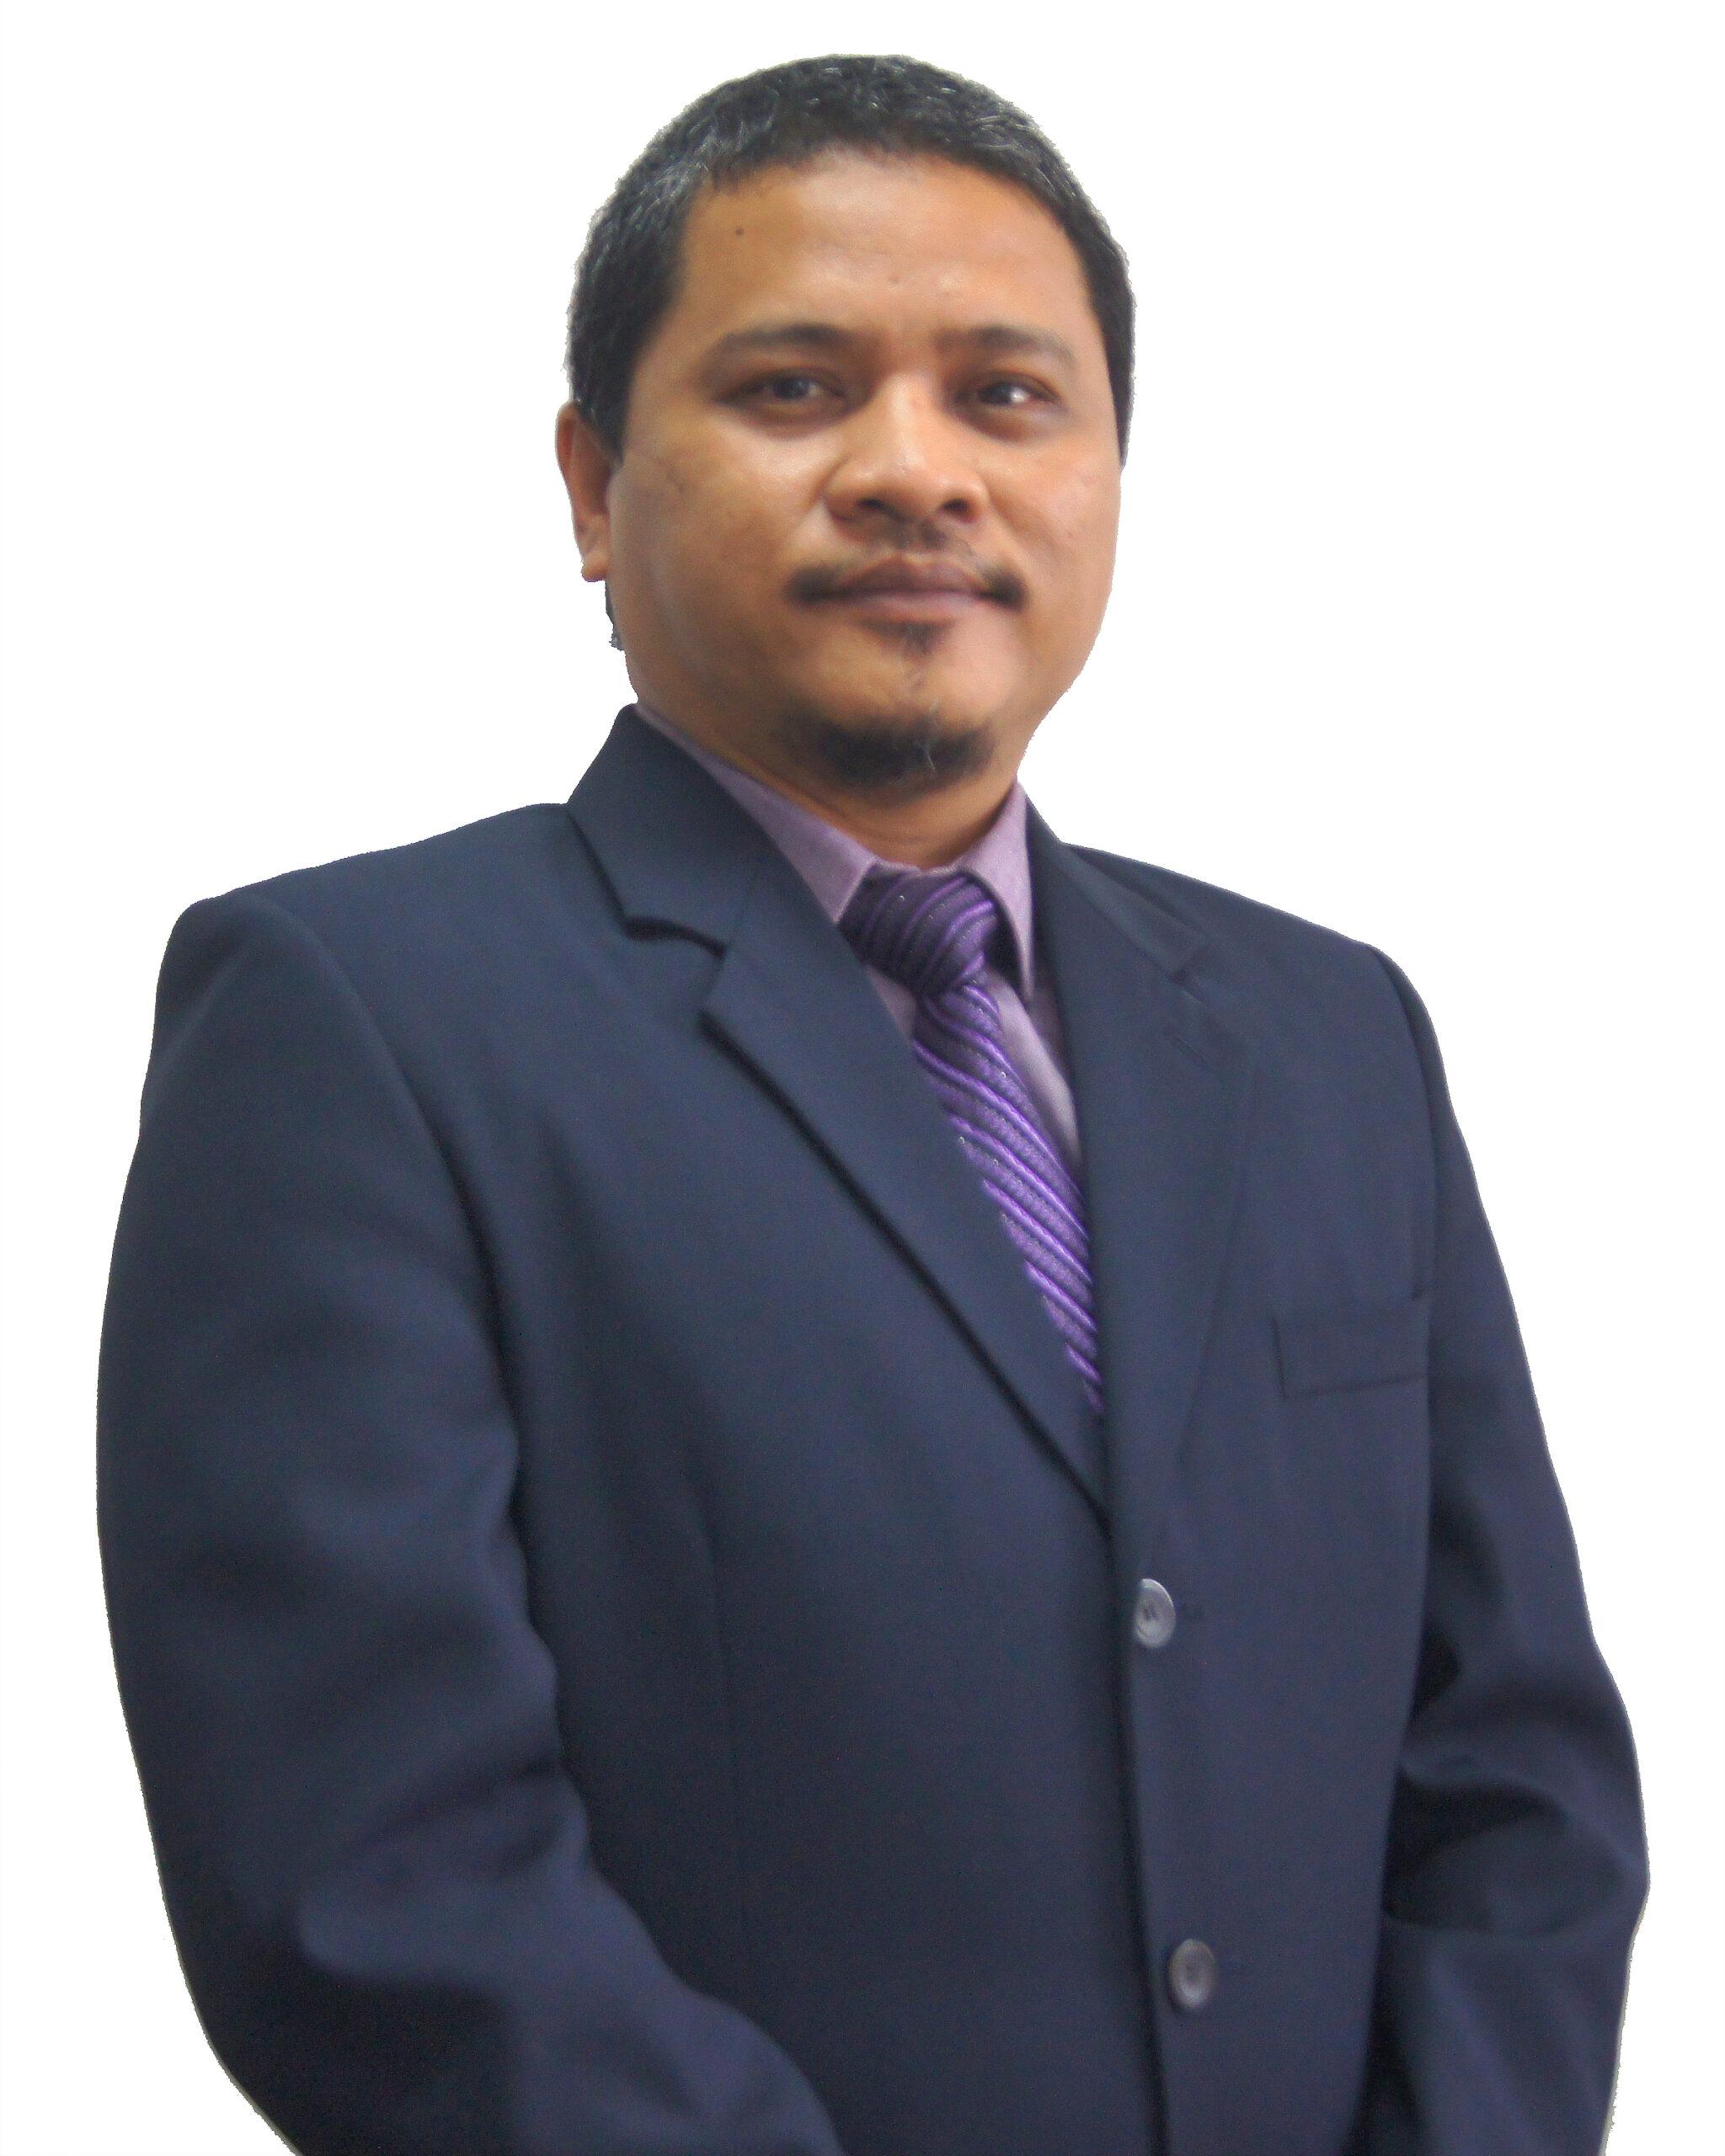 Mohd Faizal Bin Wakiman